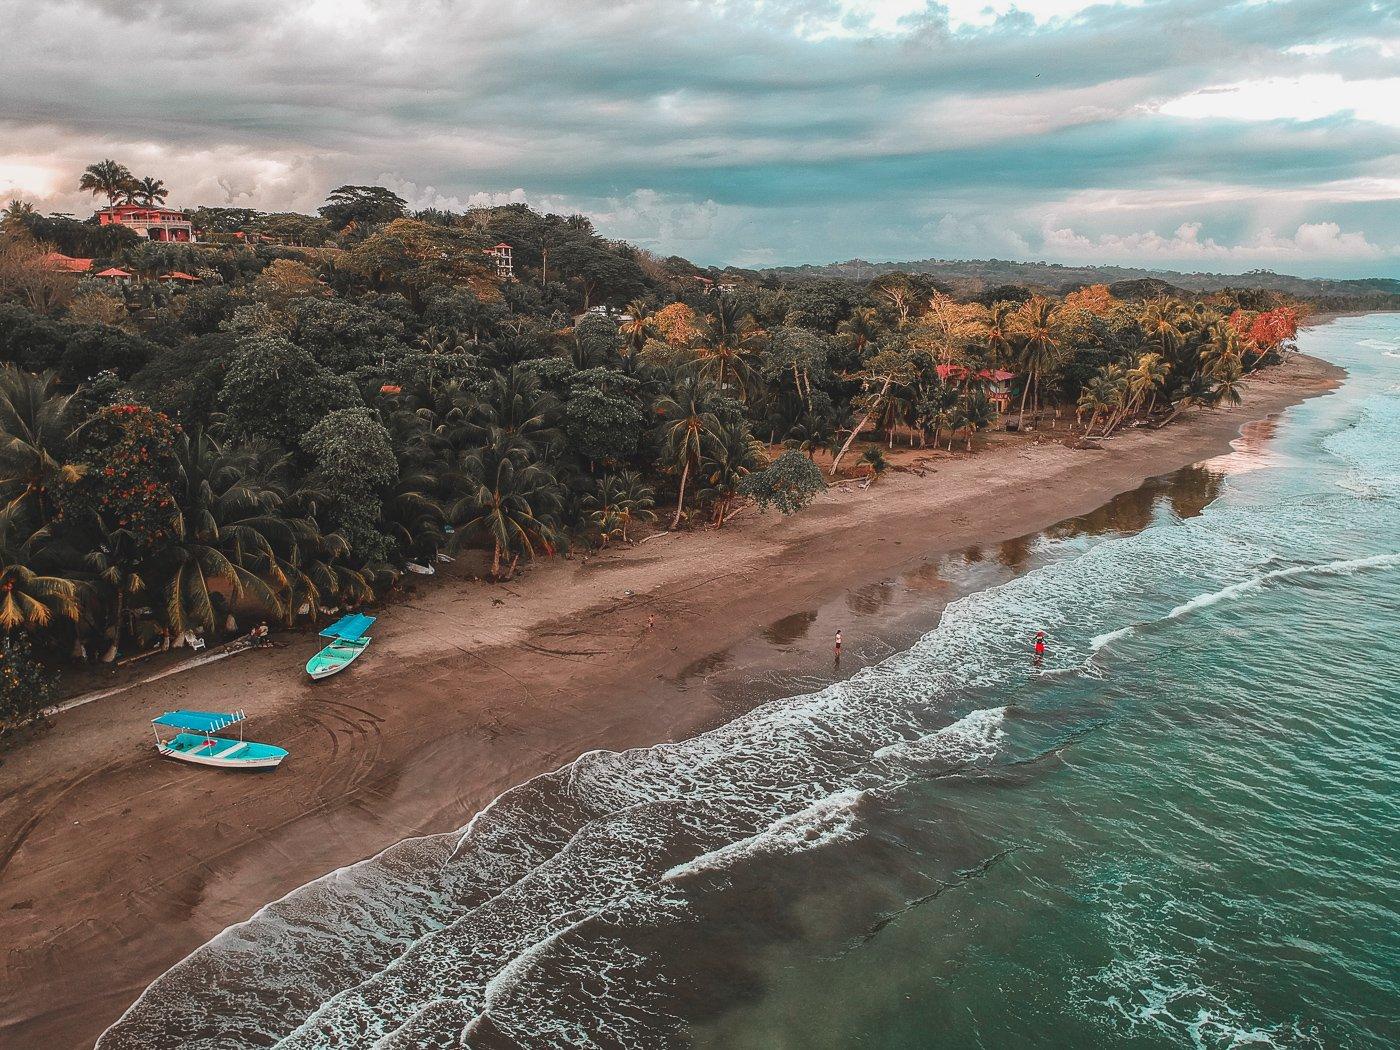 Dit is de ideale reisroute voor een Costa Rica rondreis van 3 weken of langer.